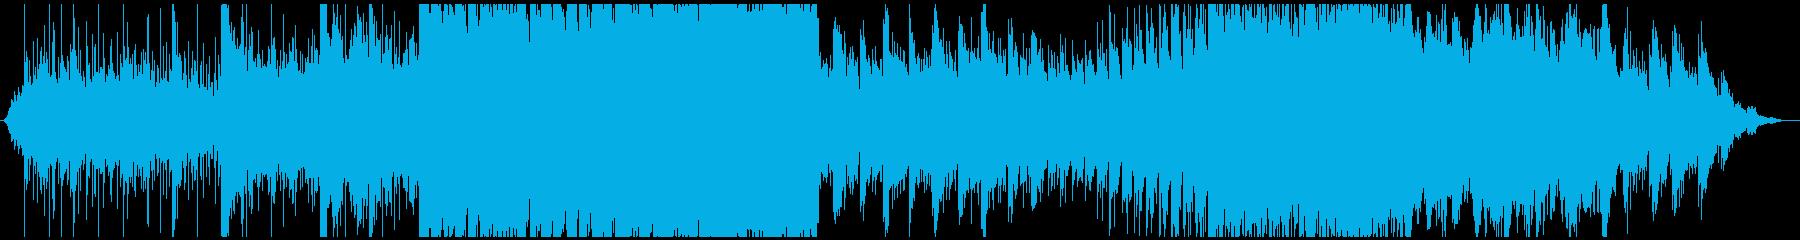 中華 ドラマチック 弦楽器 パーカ...の再生済みの波形